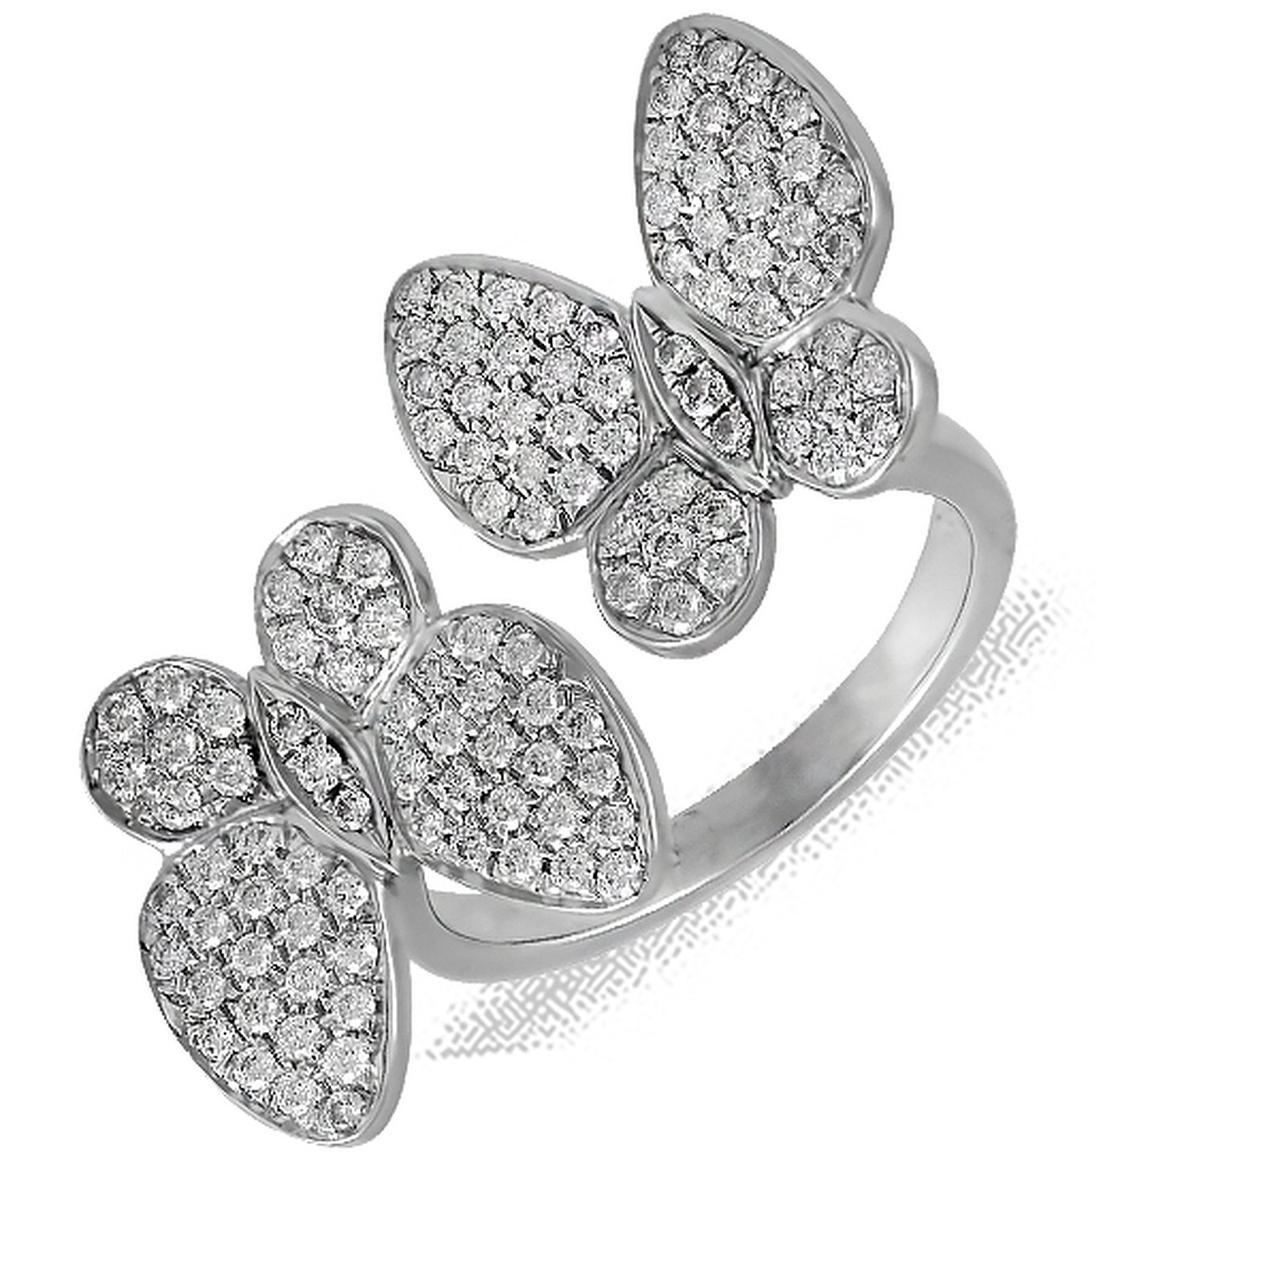 Золотое кольцо с бриллиантами, размер 17.5 (126933)